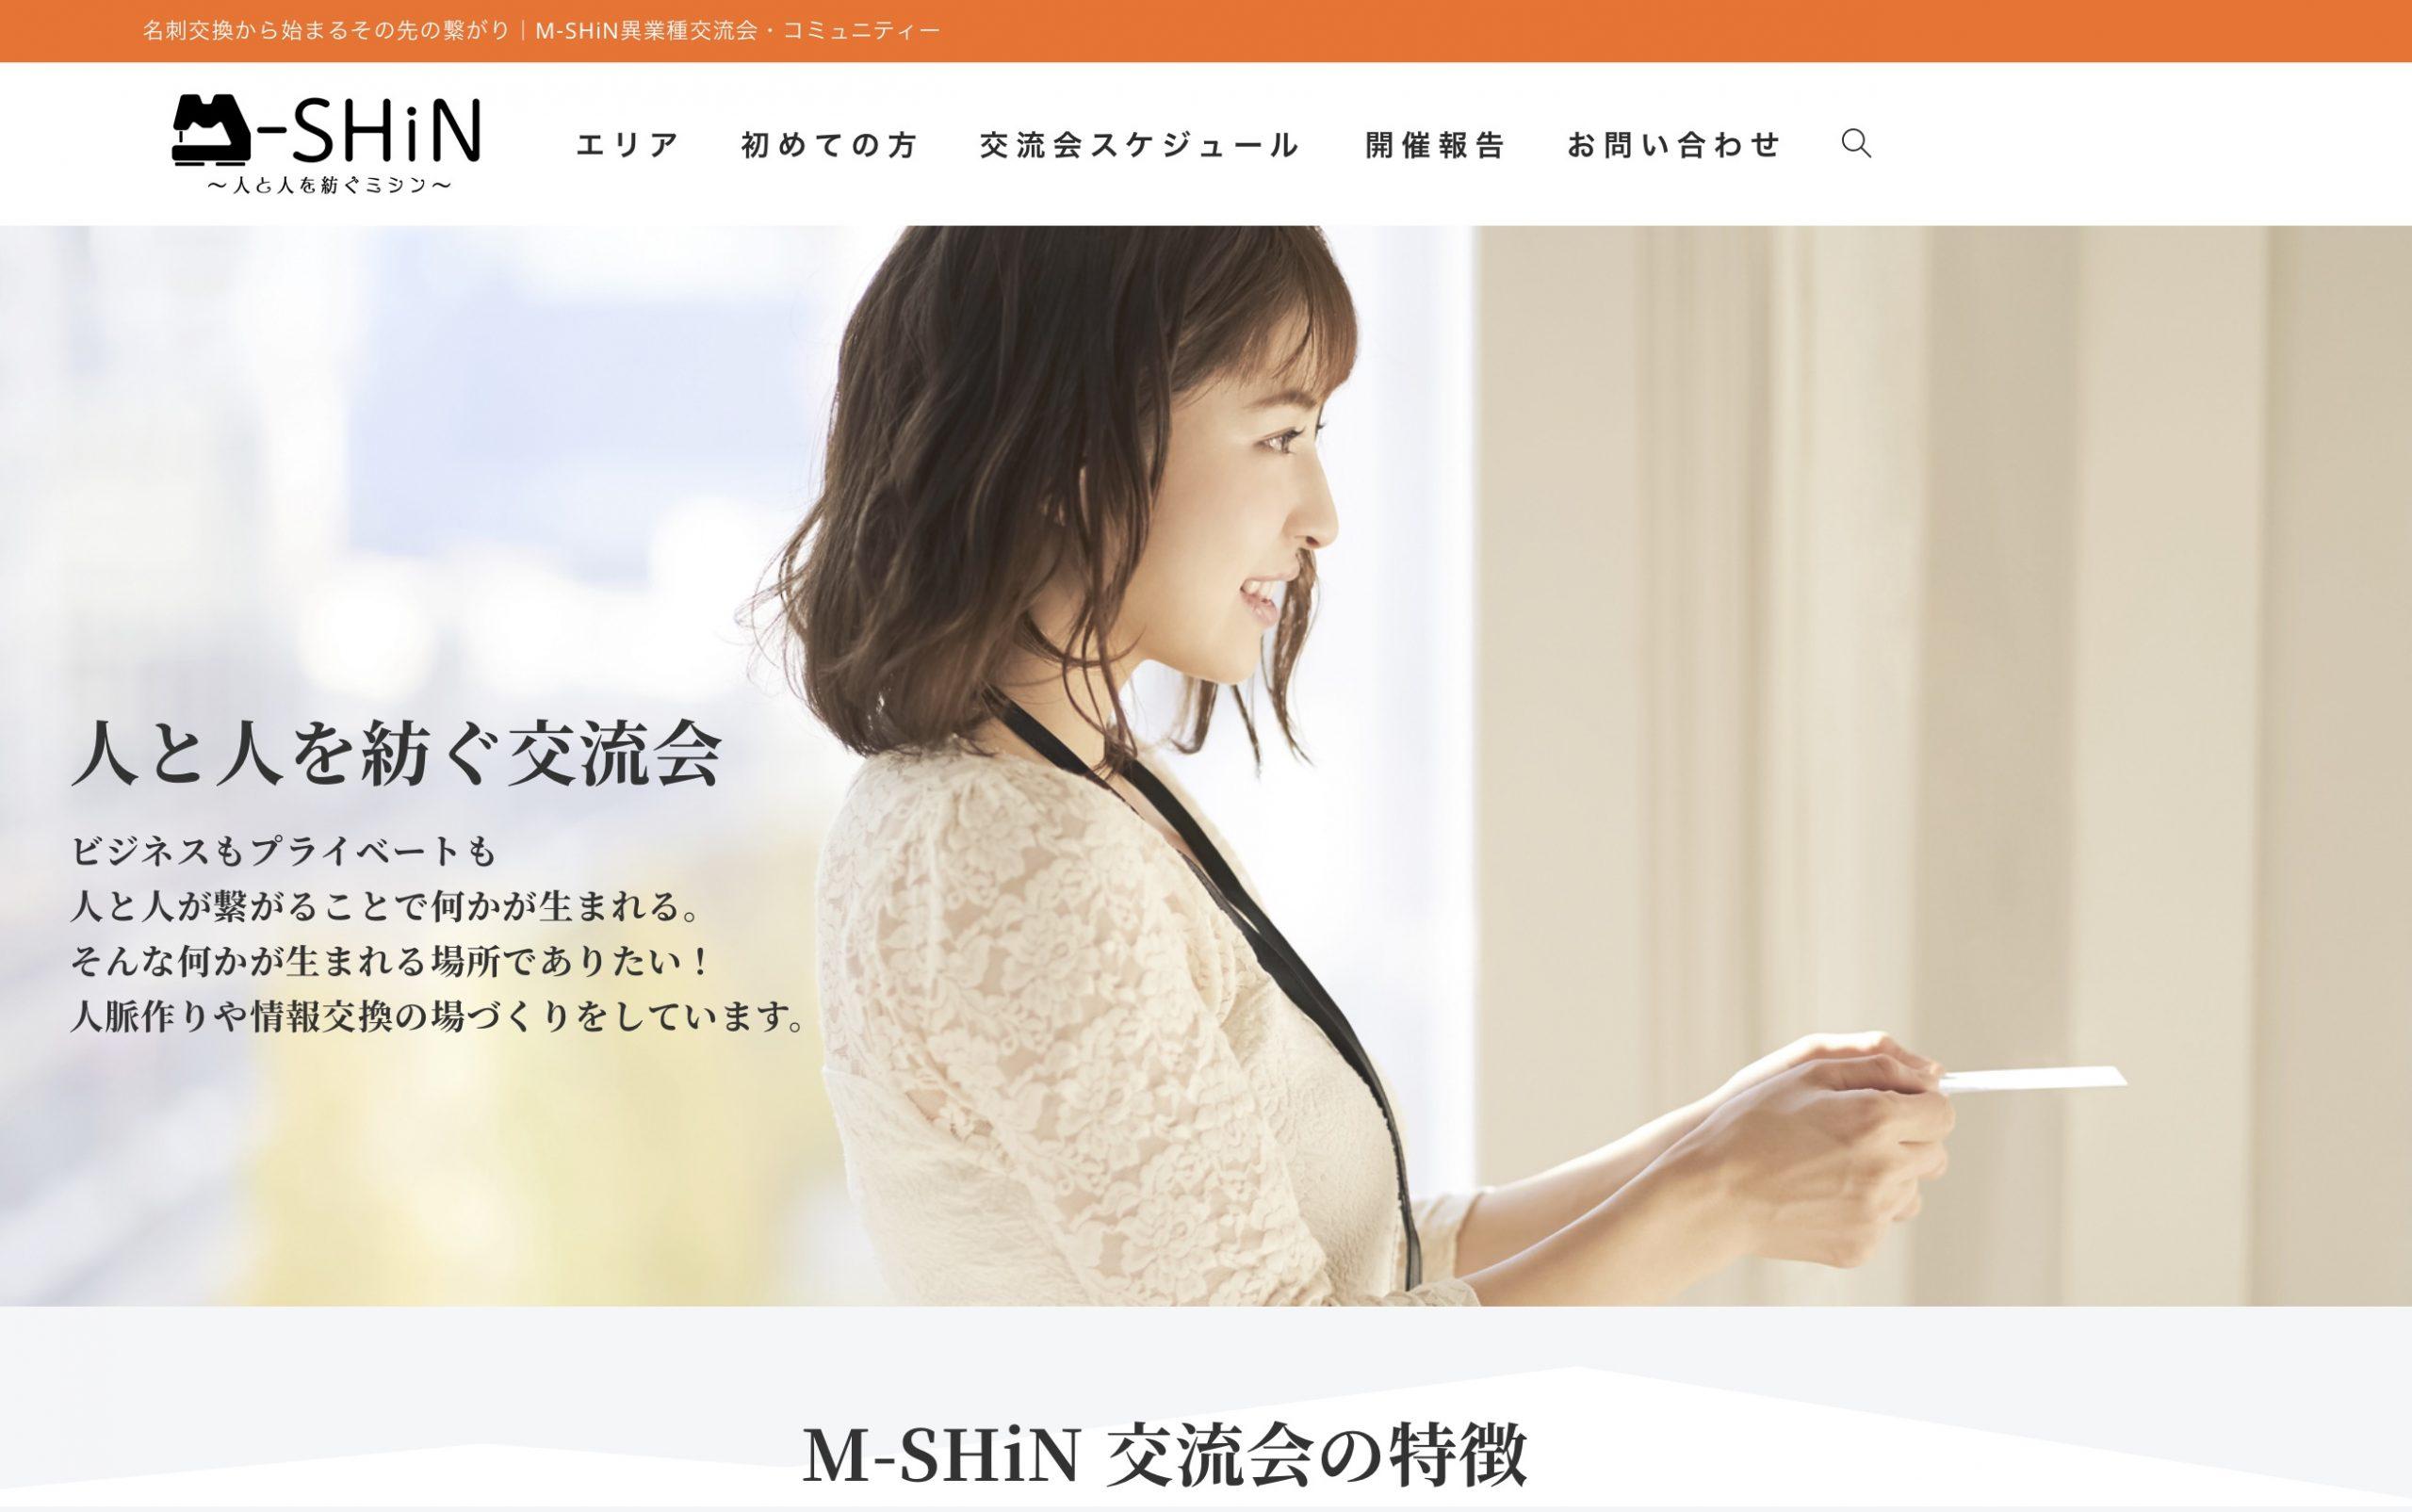 【制作実績】M-SHiN異業種交流会ホームページ